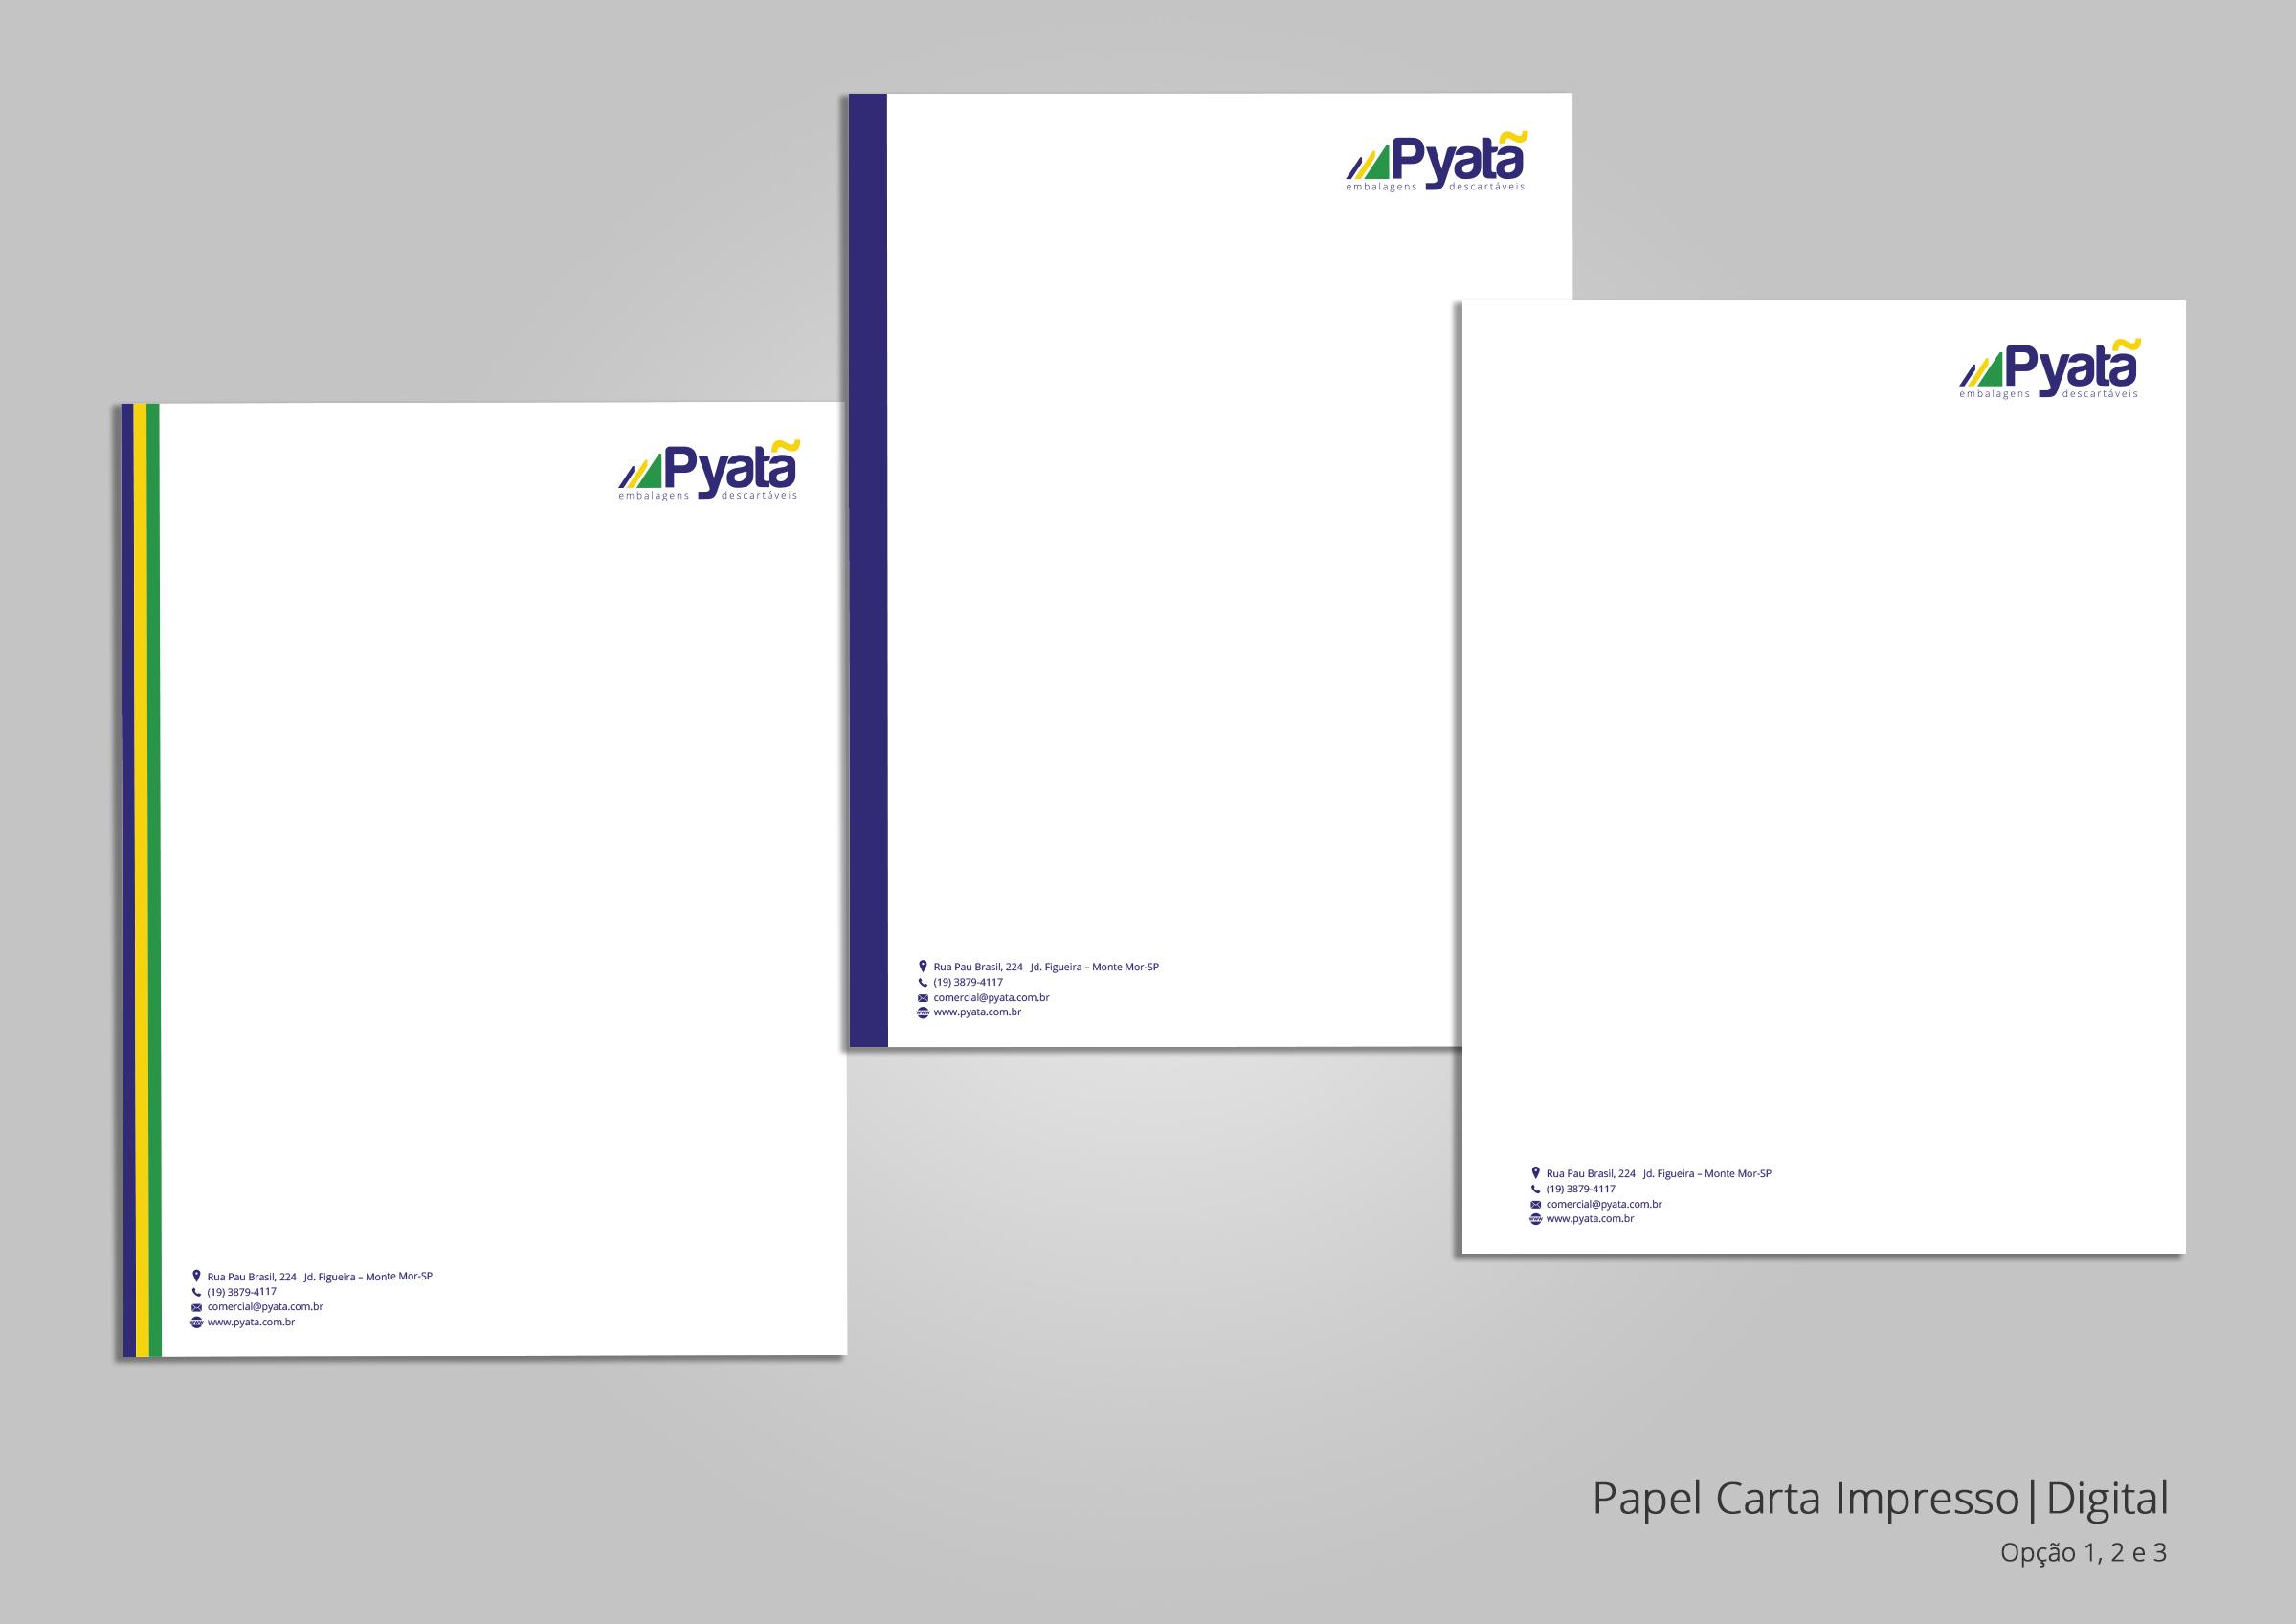 BABENKO agencia publicidade - Papelaria Identidade Visual - Papel Carta Pyata